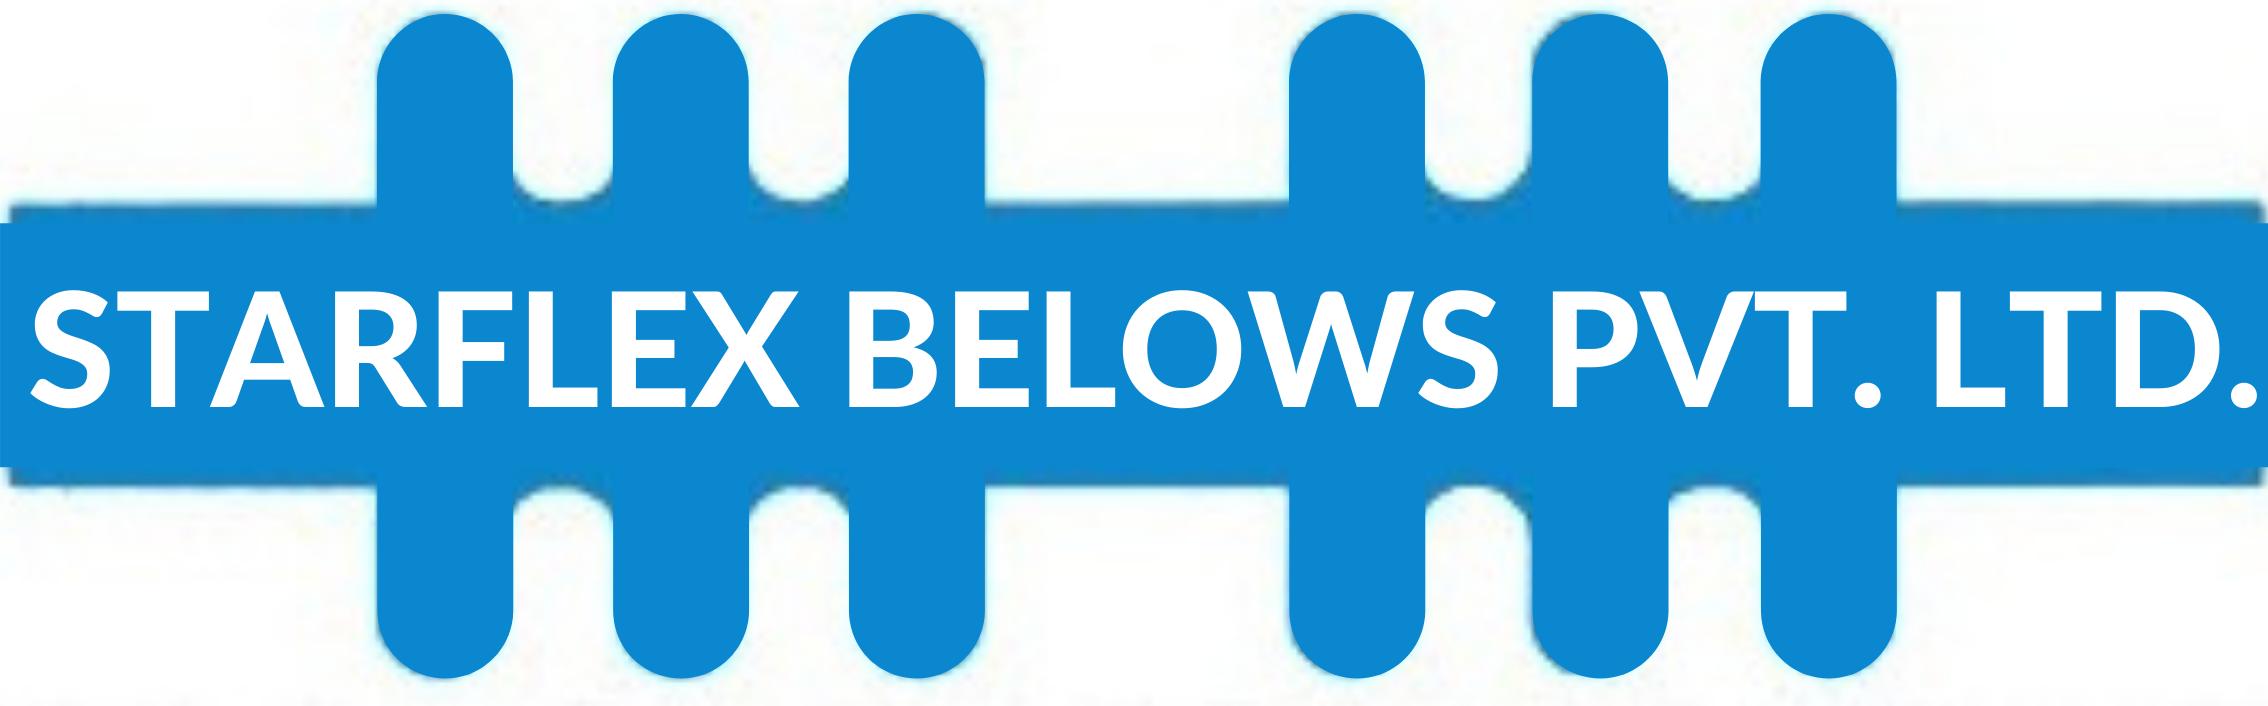 Starflex Bellows Pvt. Ltd.